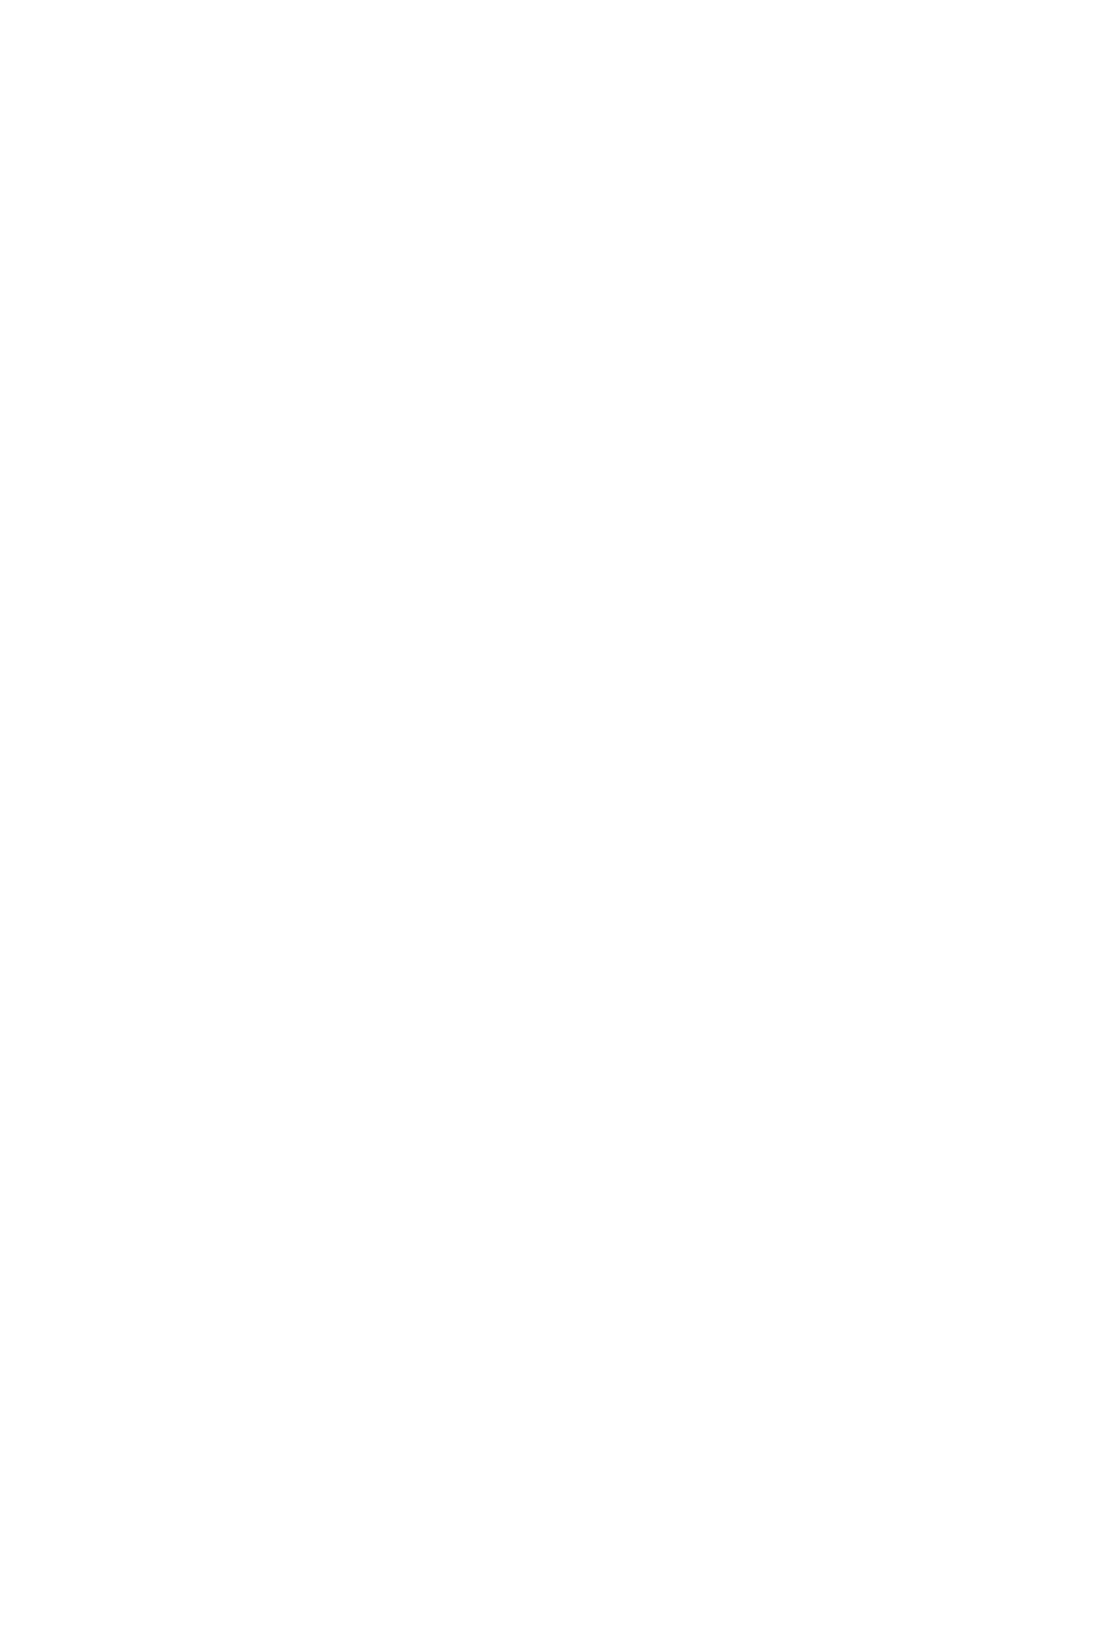 Ciné-Festival 2021 soirée promotionnelle